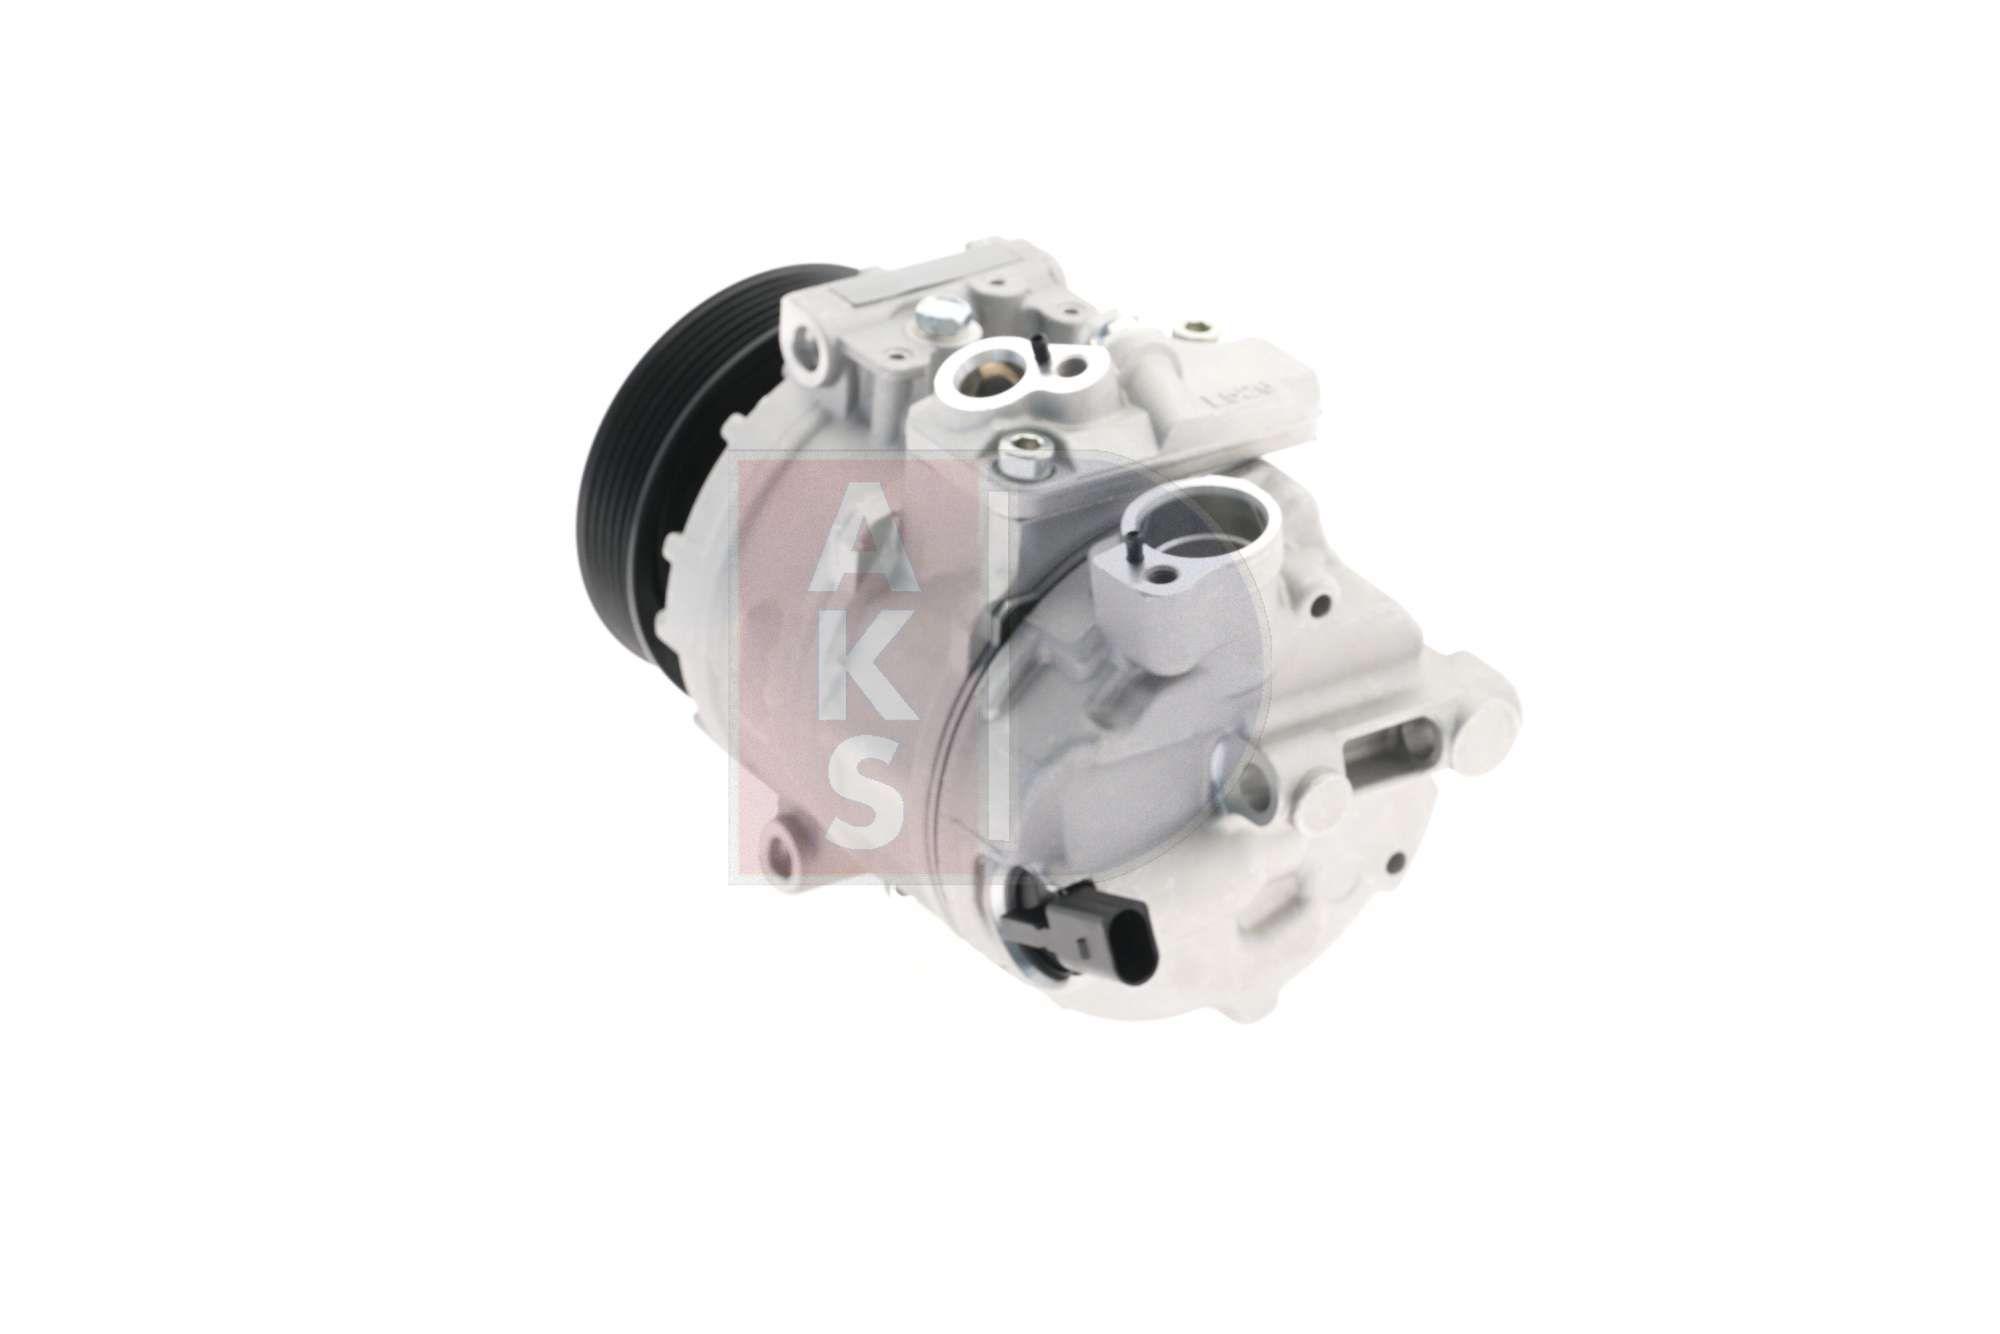 Klimaanlage Kompressor AKS DASIS 850682N Bewertung